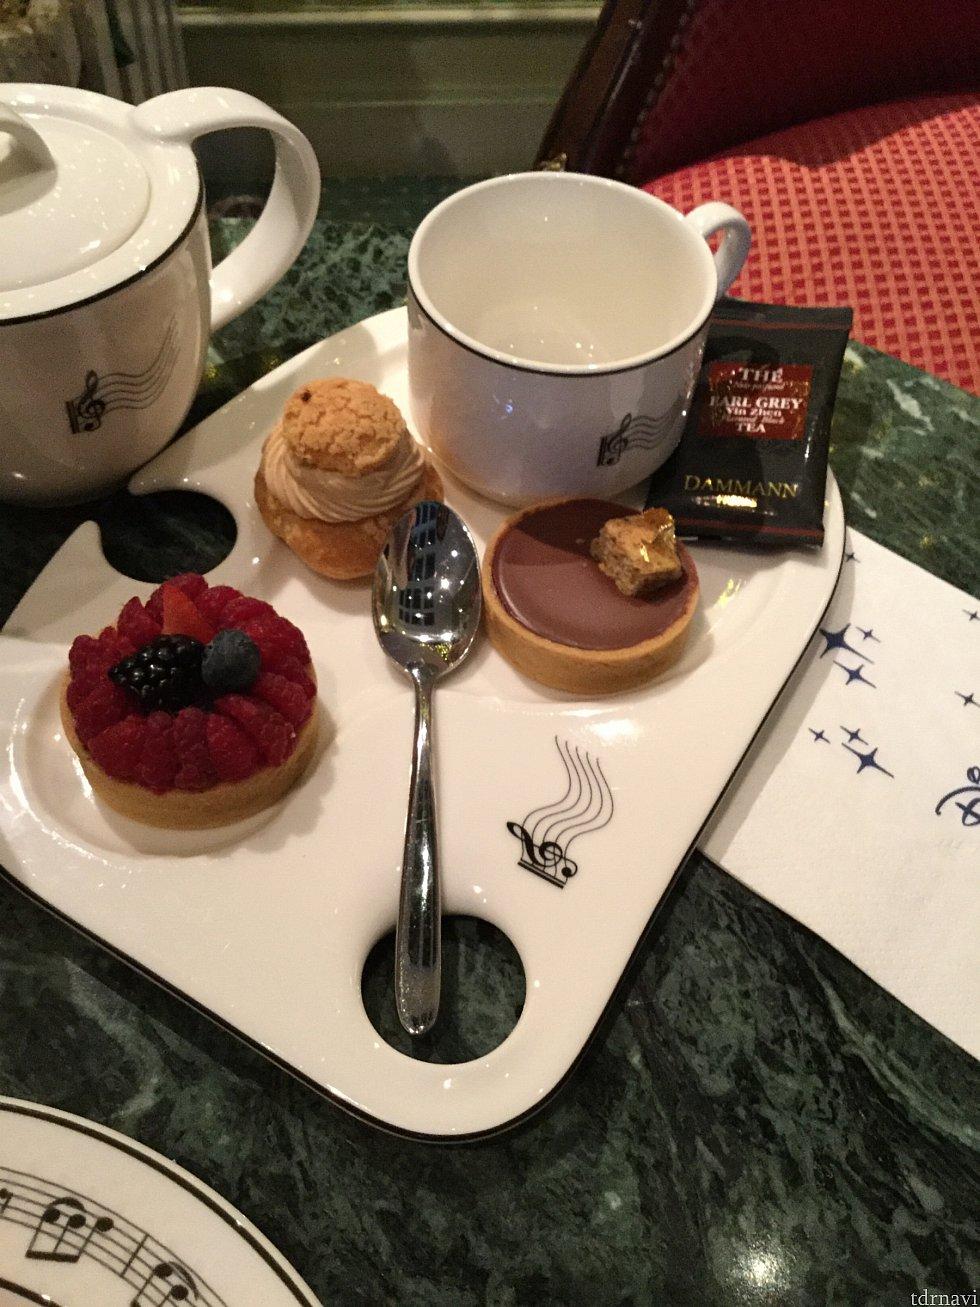 プチガトー3種セットはコーヒー、紅茶数種からドリンクが選べます 友達はキャラメル烏龍がお気に入り♪